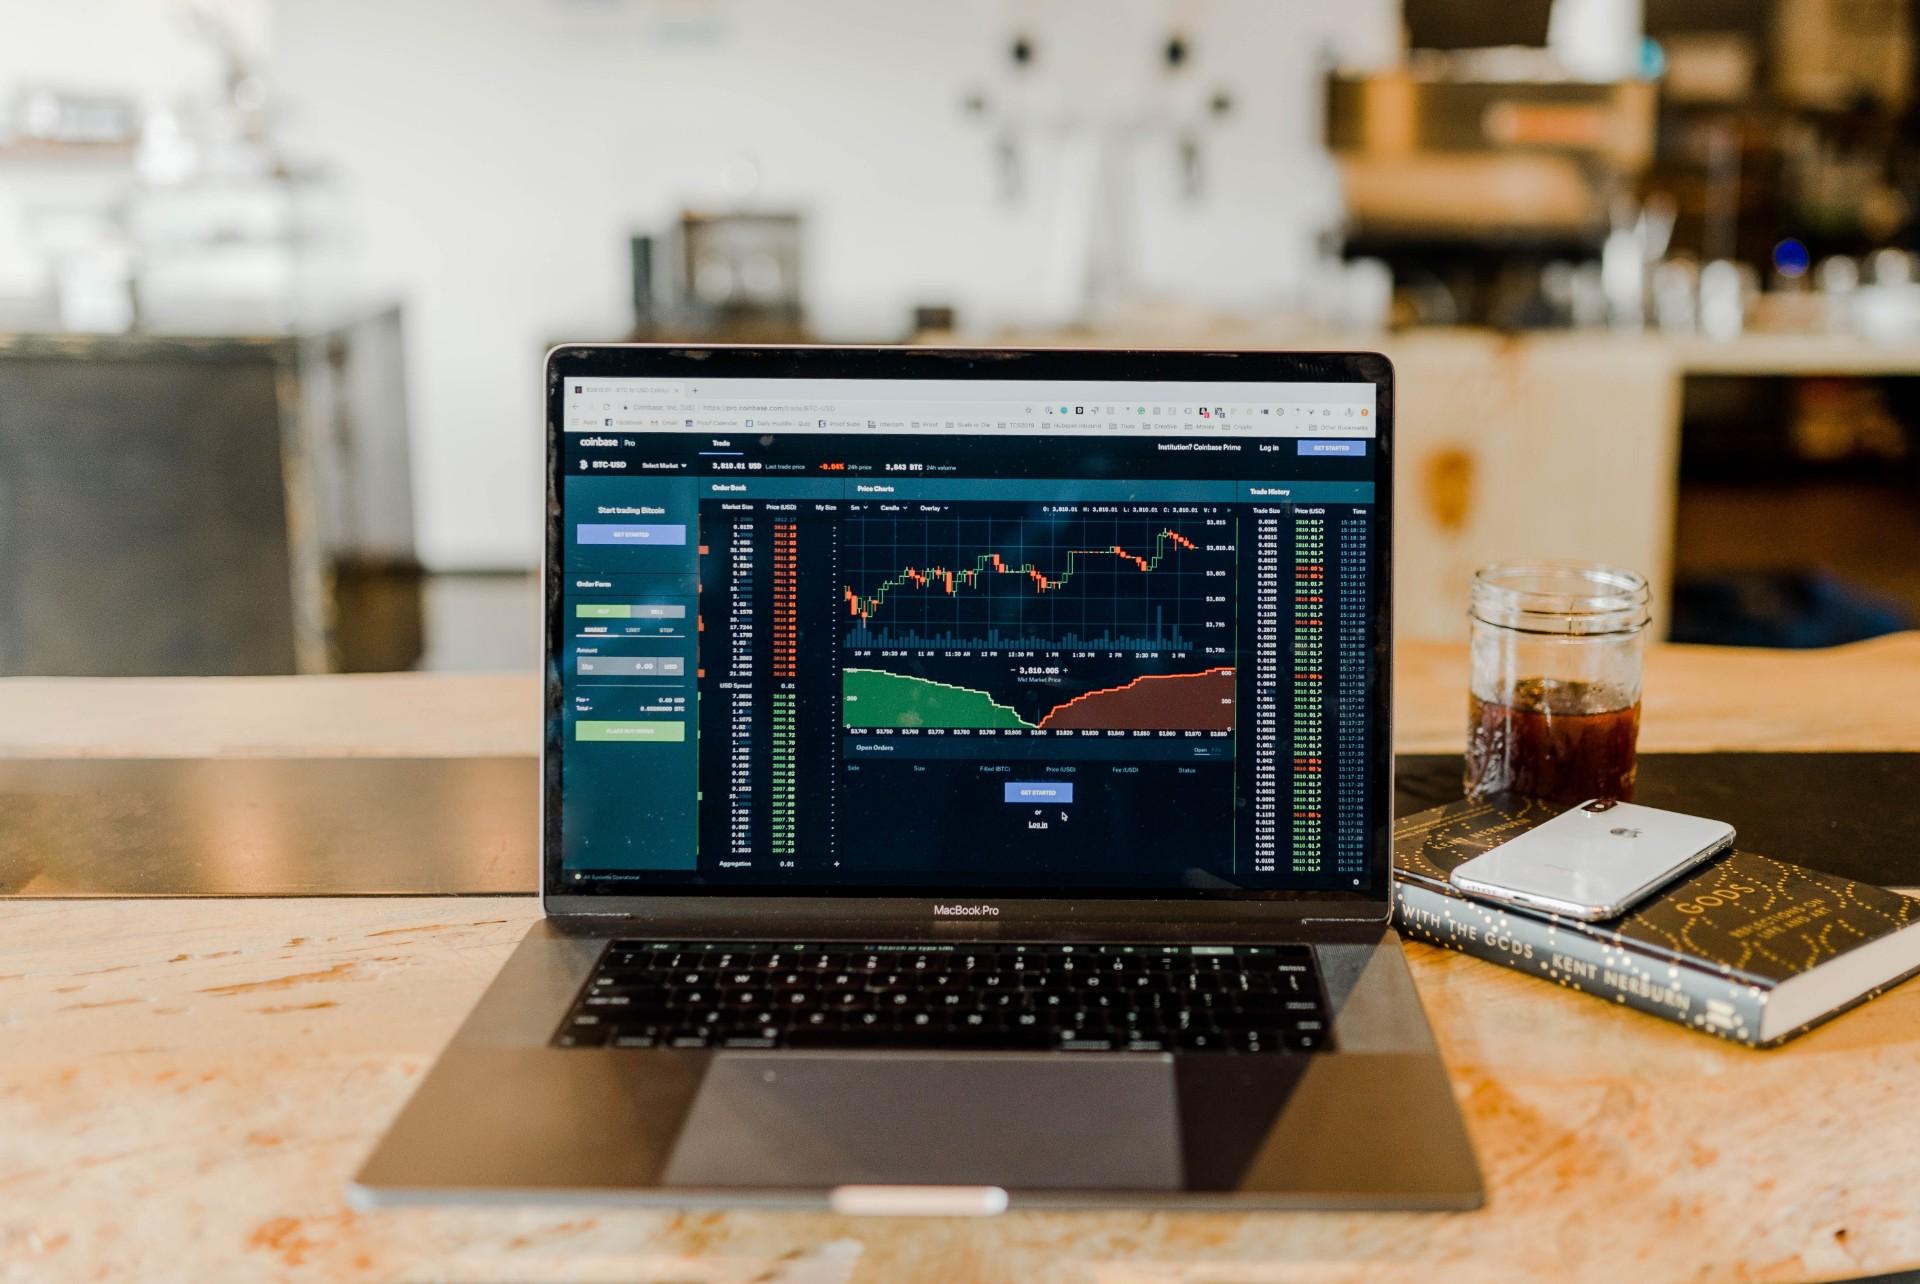 os bancos poderão, a partir da análise dos dados, desenvolver aplicativos e plataformas diferentes para oferecer serviços e produtos